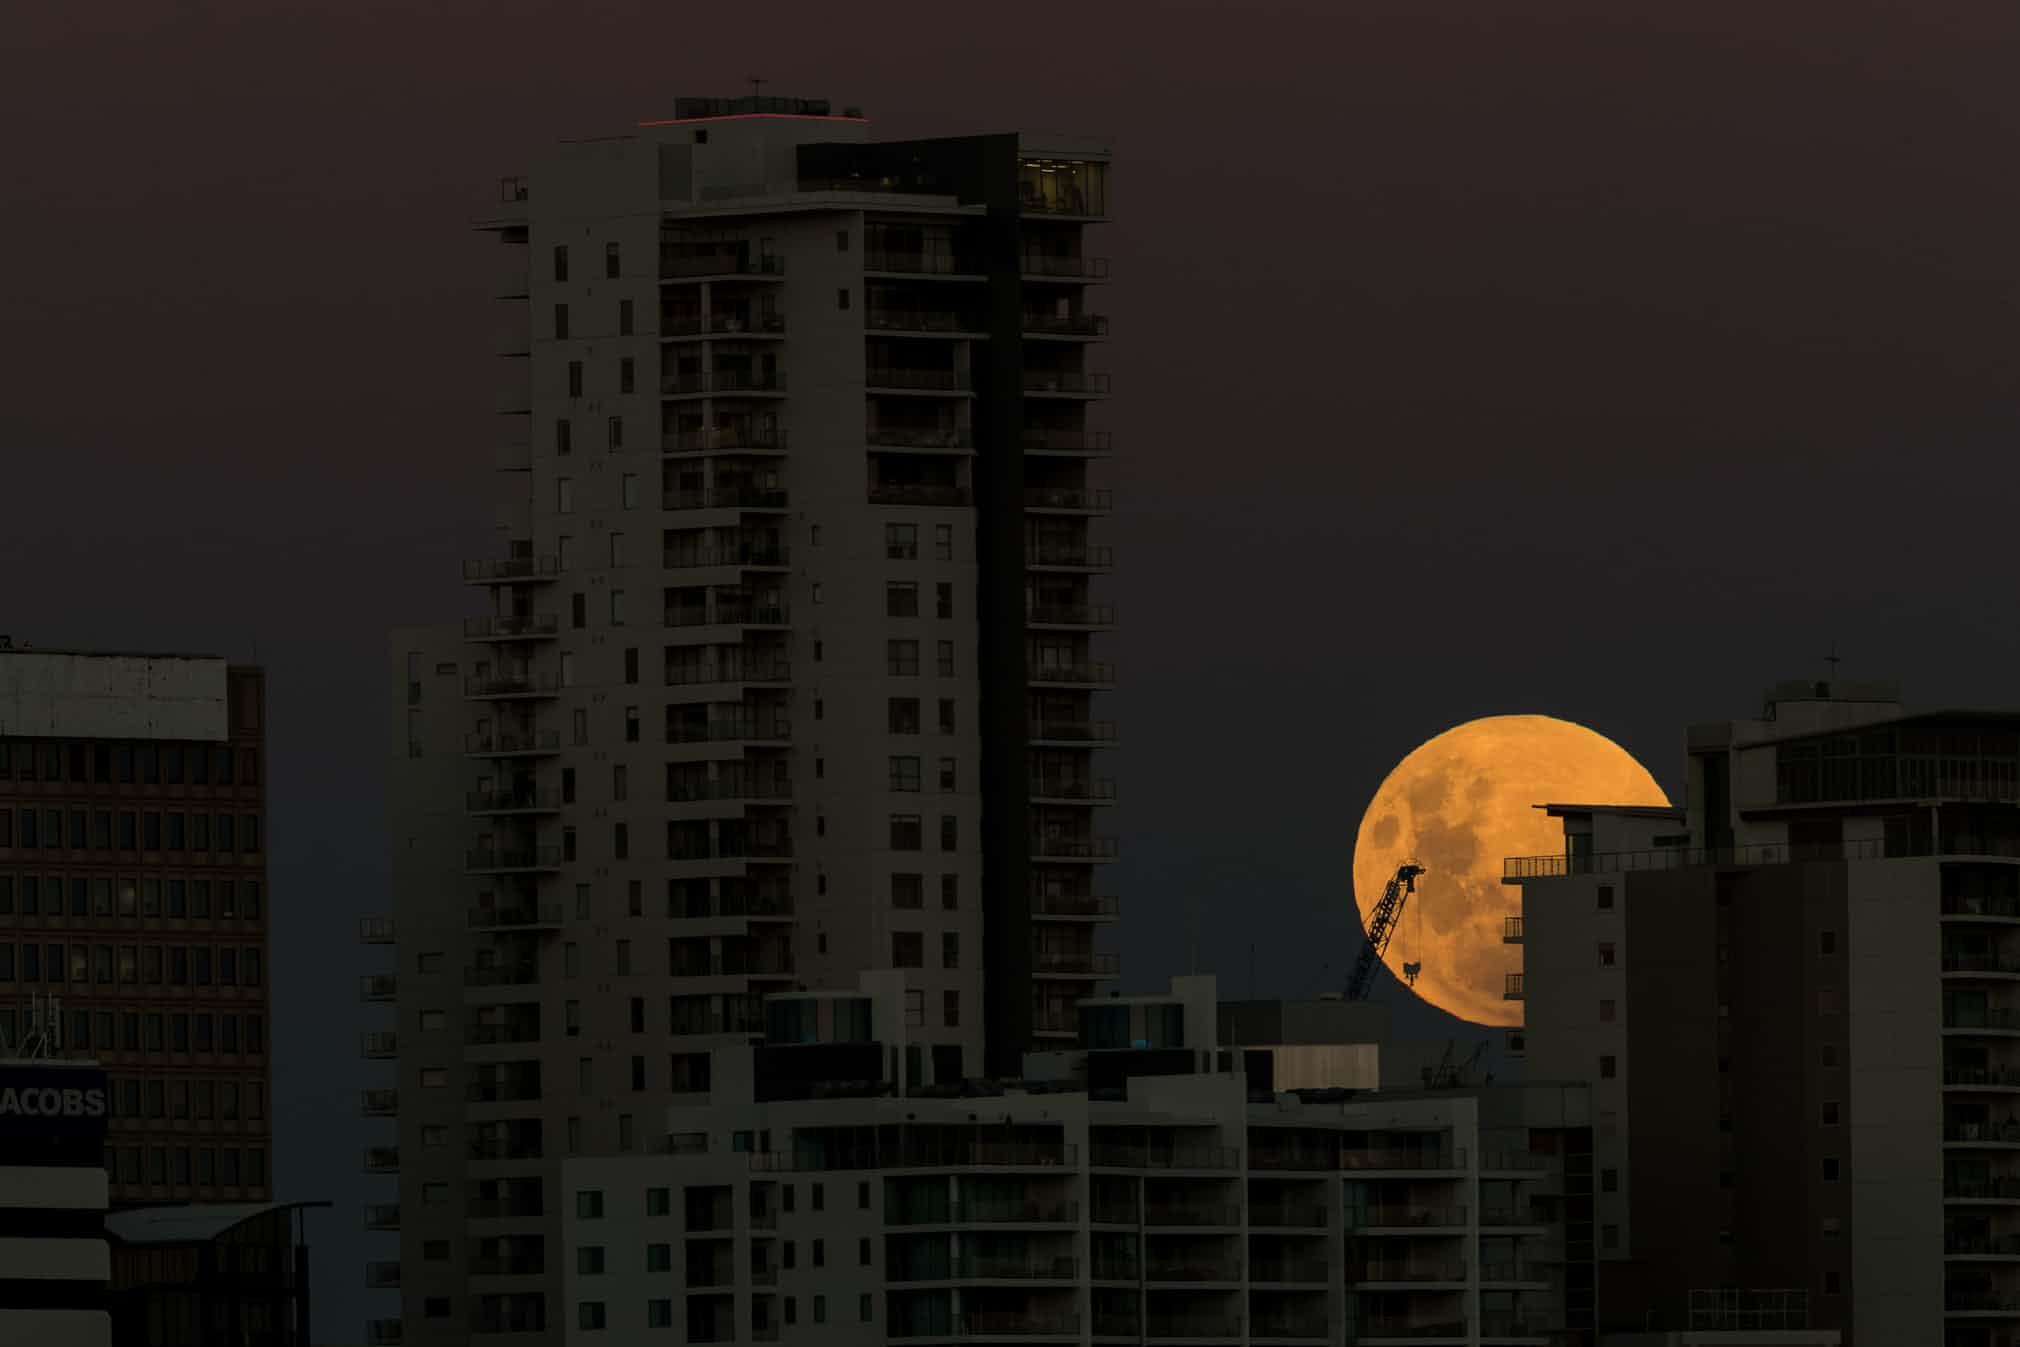 تصاویر زیبایی از پدیده نادر «ابرماه سرخآبی» در آسمان کشورهای مختلف جهان